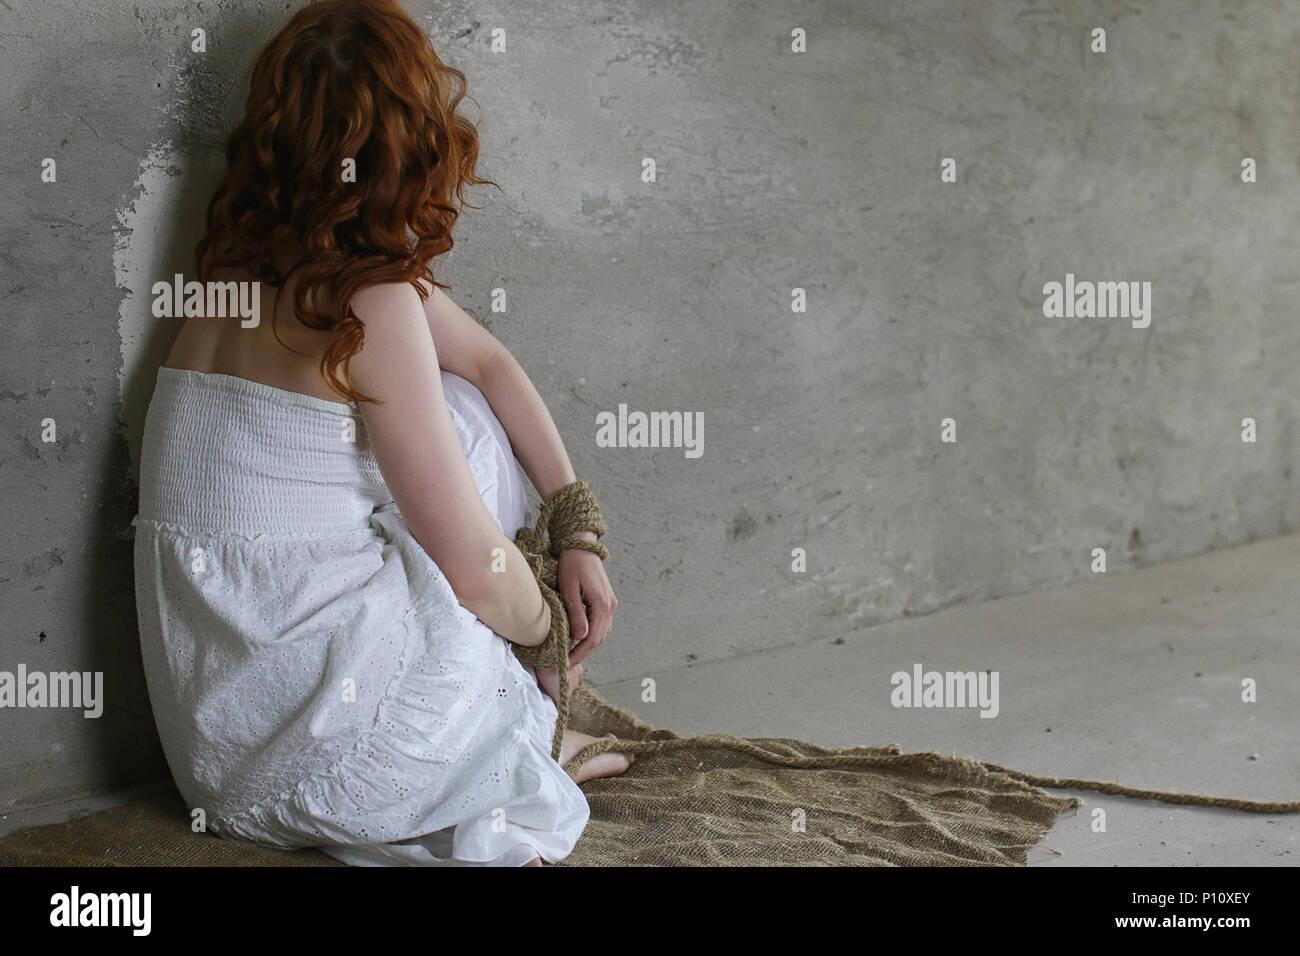 Fille Ligotée jeune fille ligotée sur le sol. la jeune fille enlevée. la victime